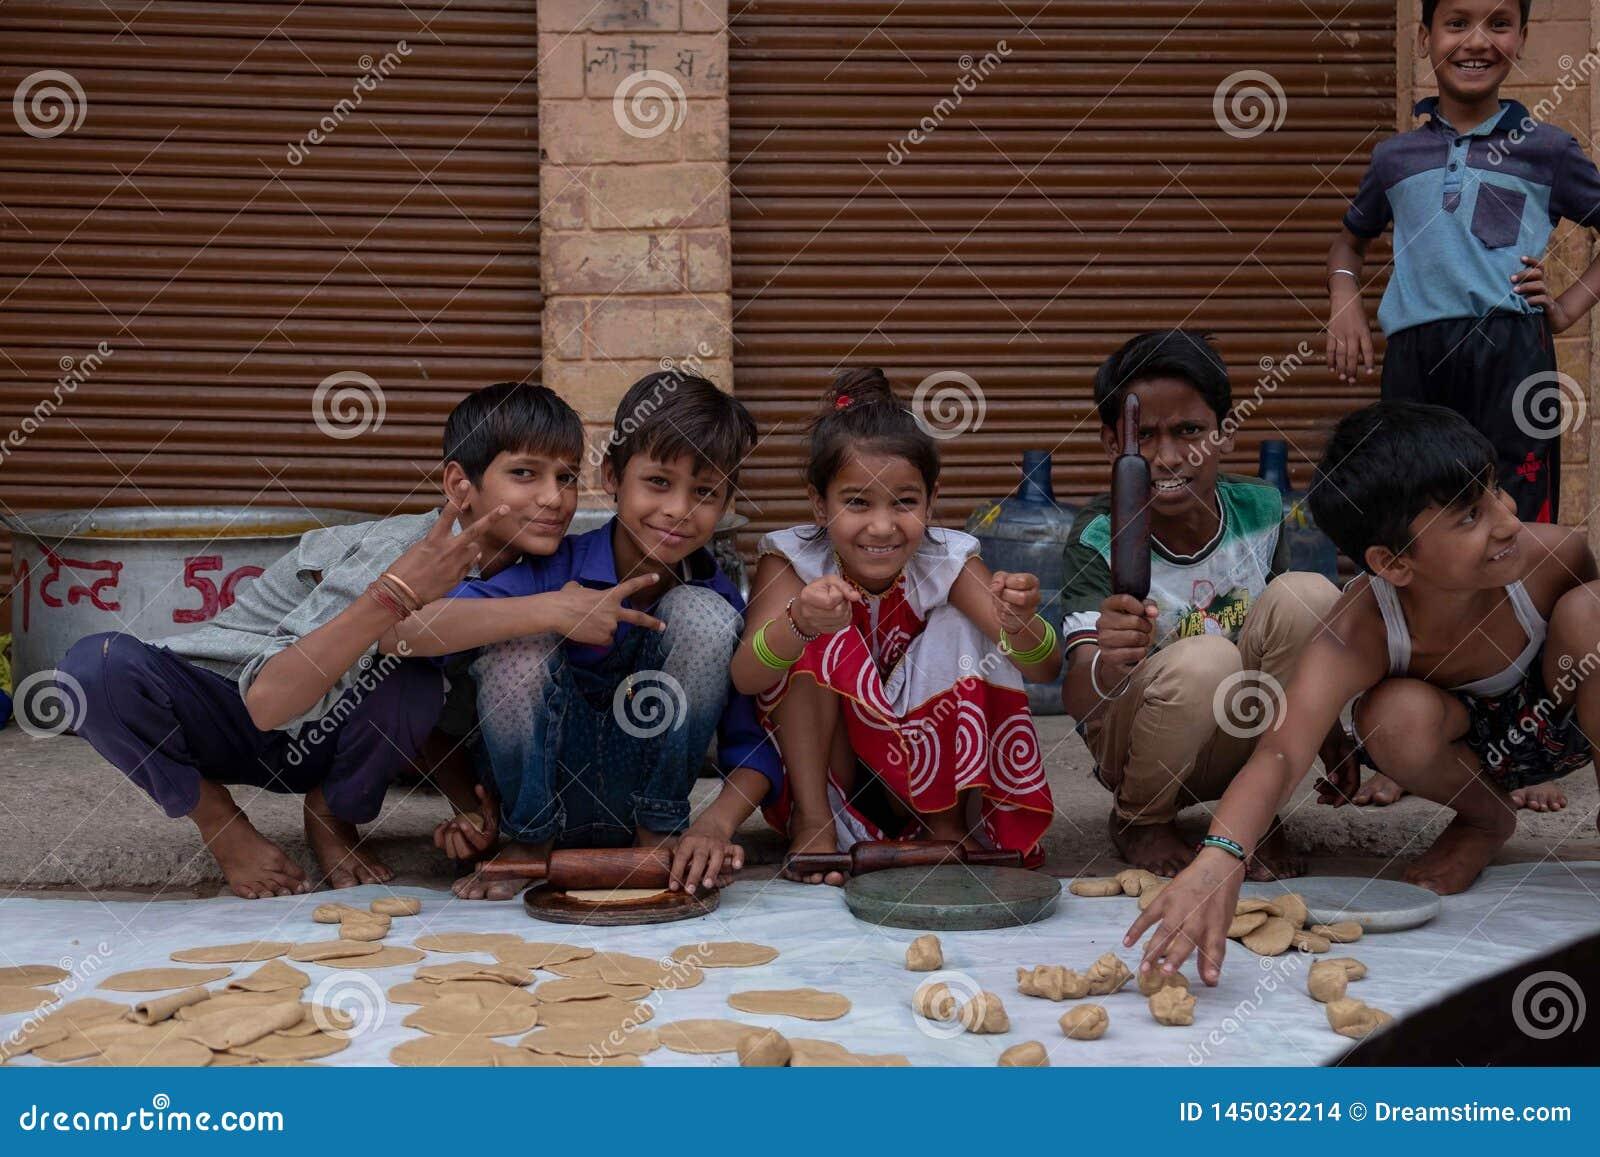 En grupp av ungar poserar för ett foto, medan rulla roti